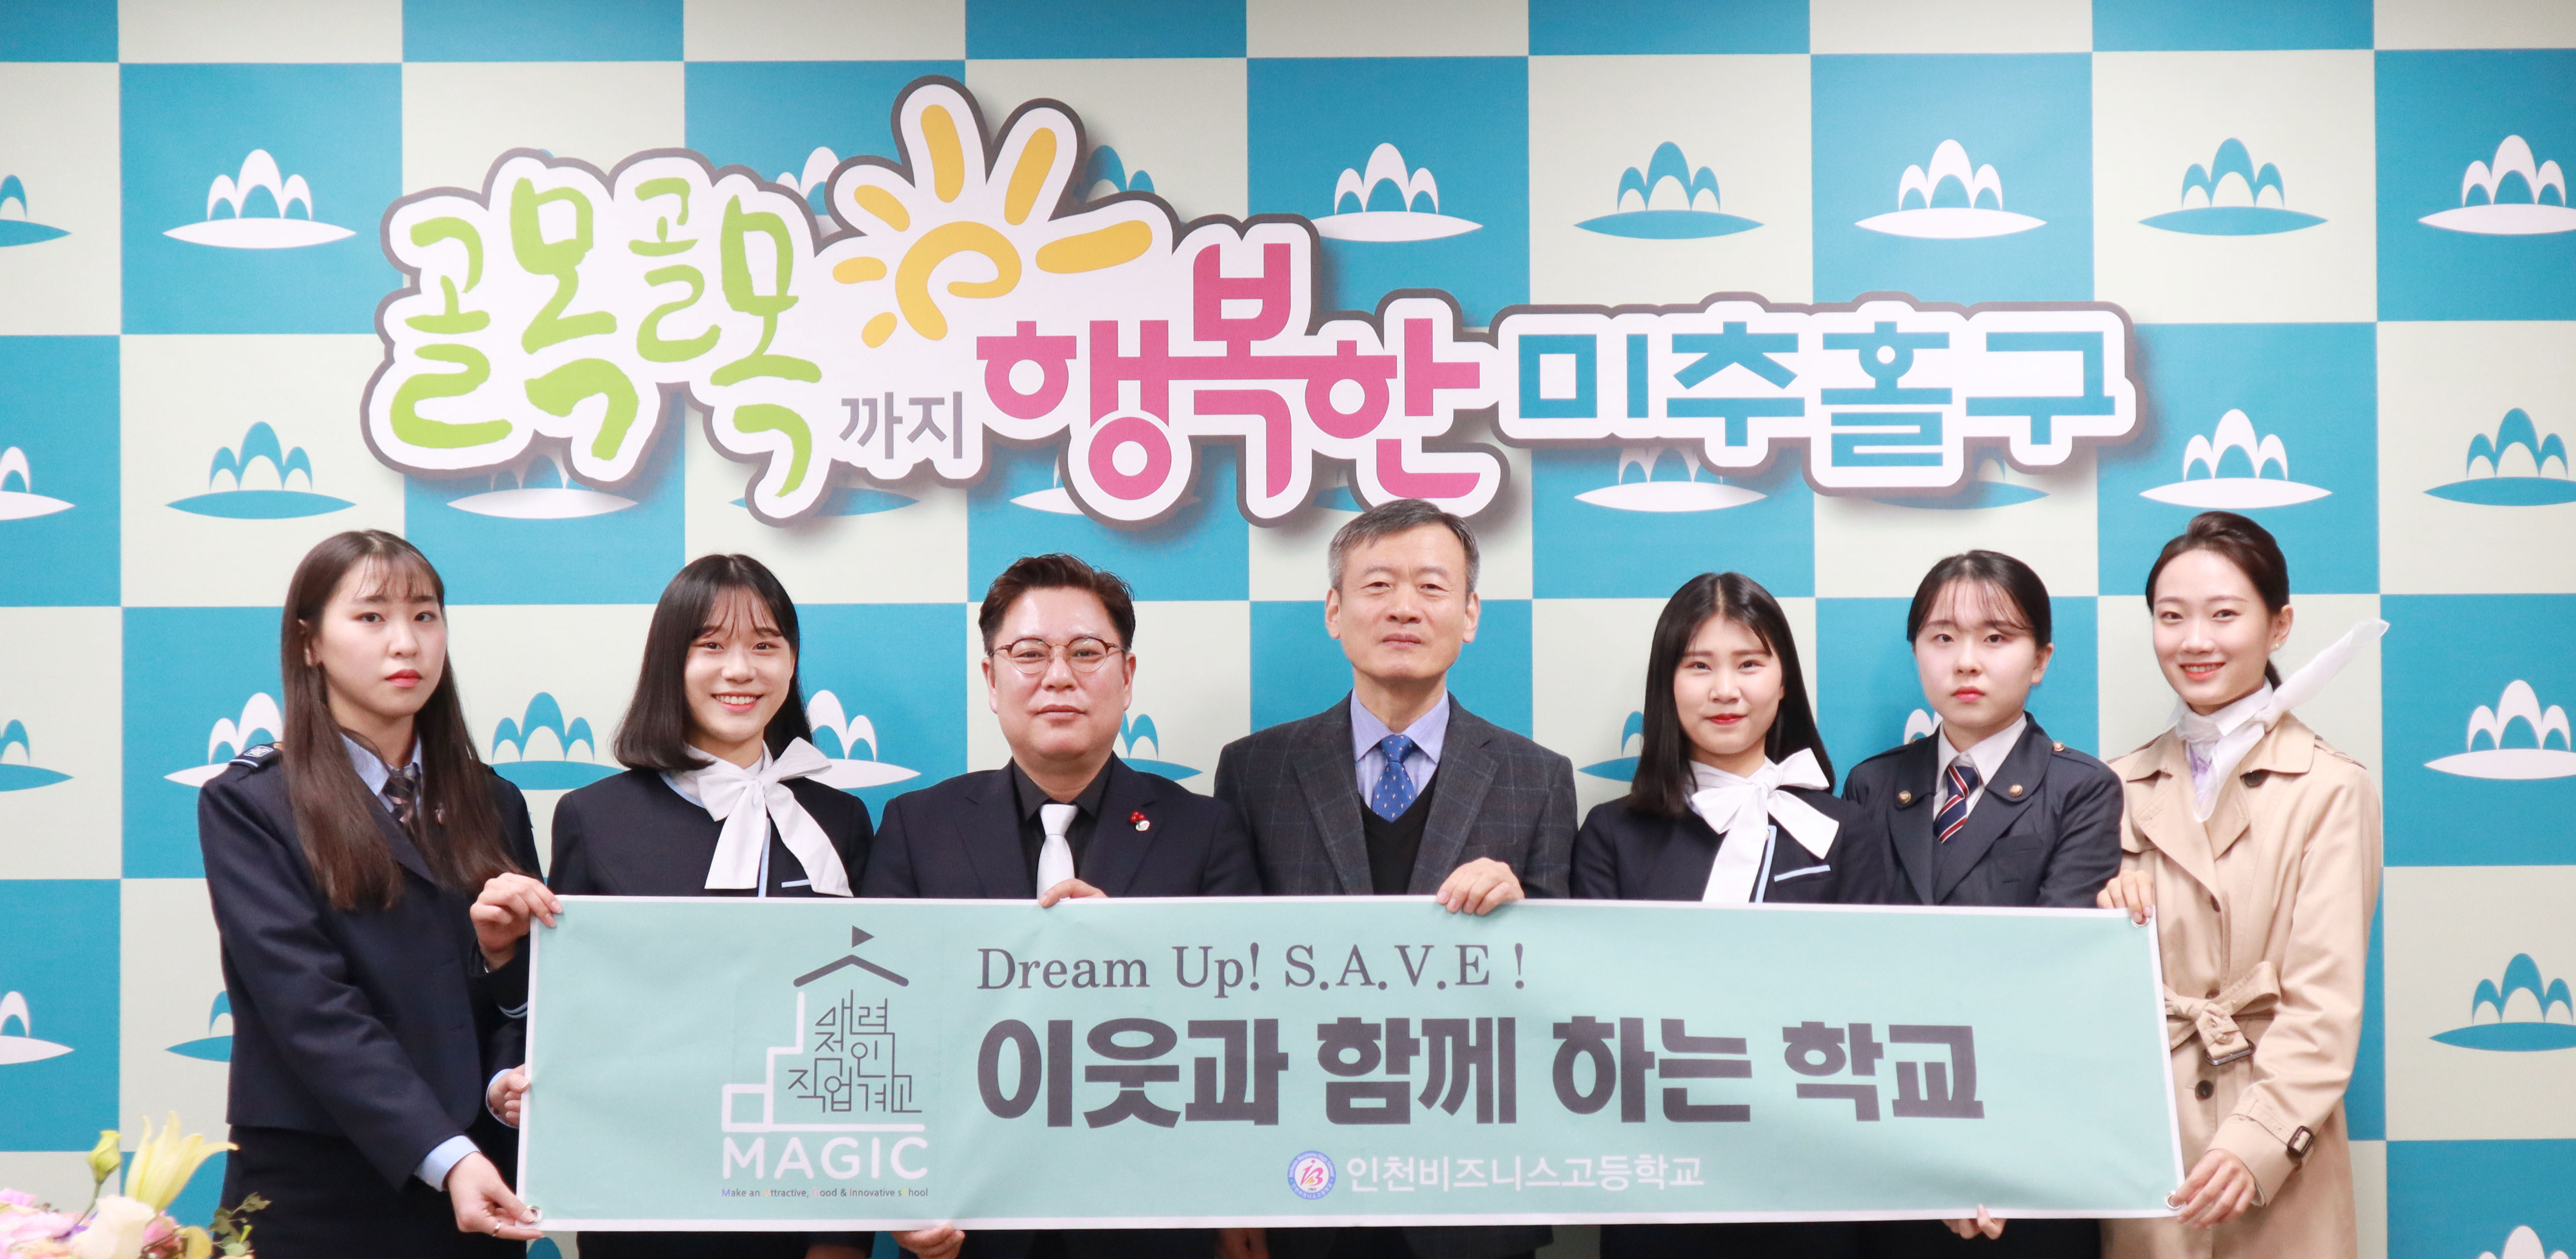 [인천]인천비즈니스고, 물품 기부 행사